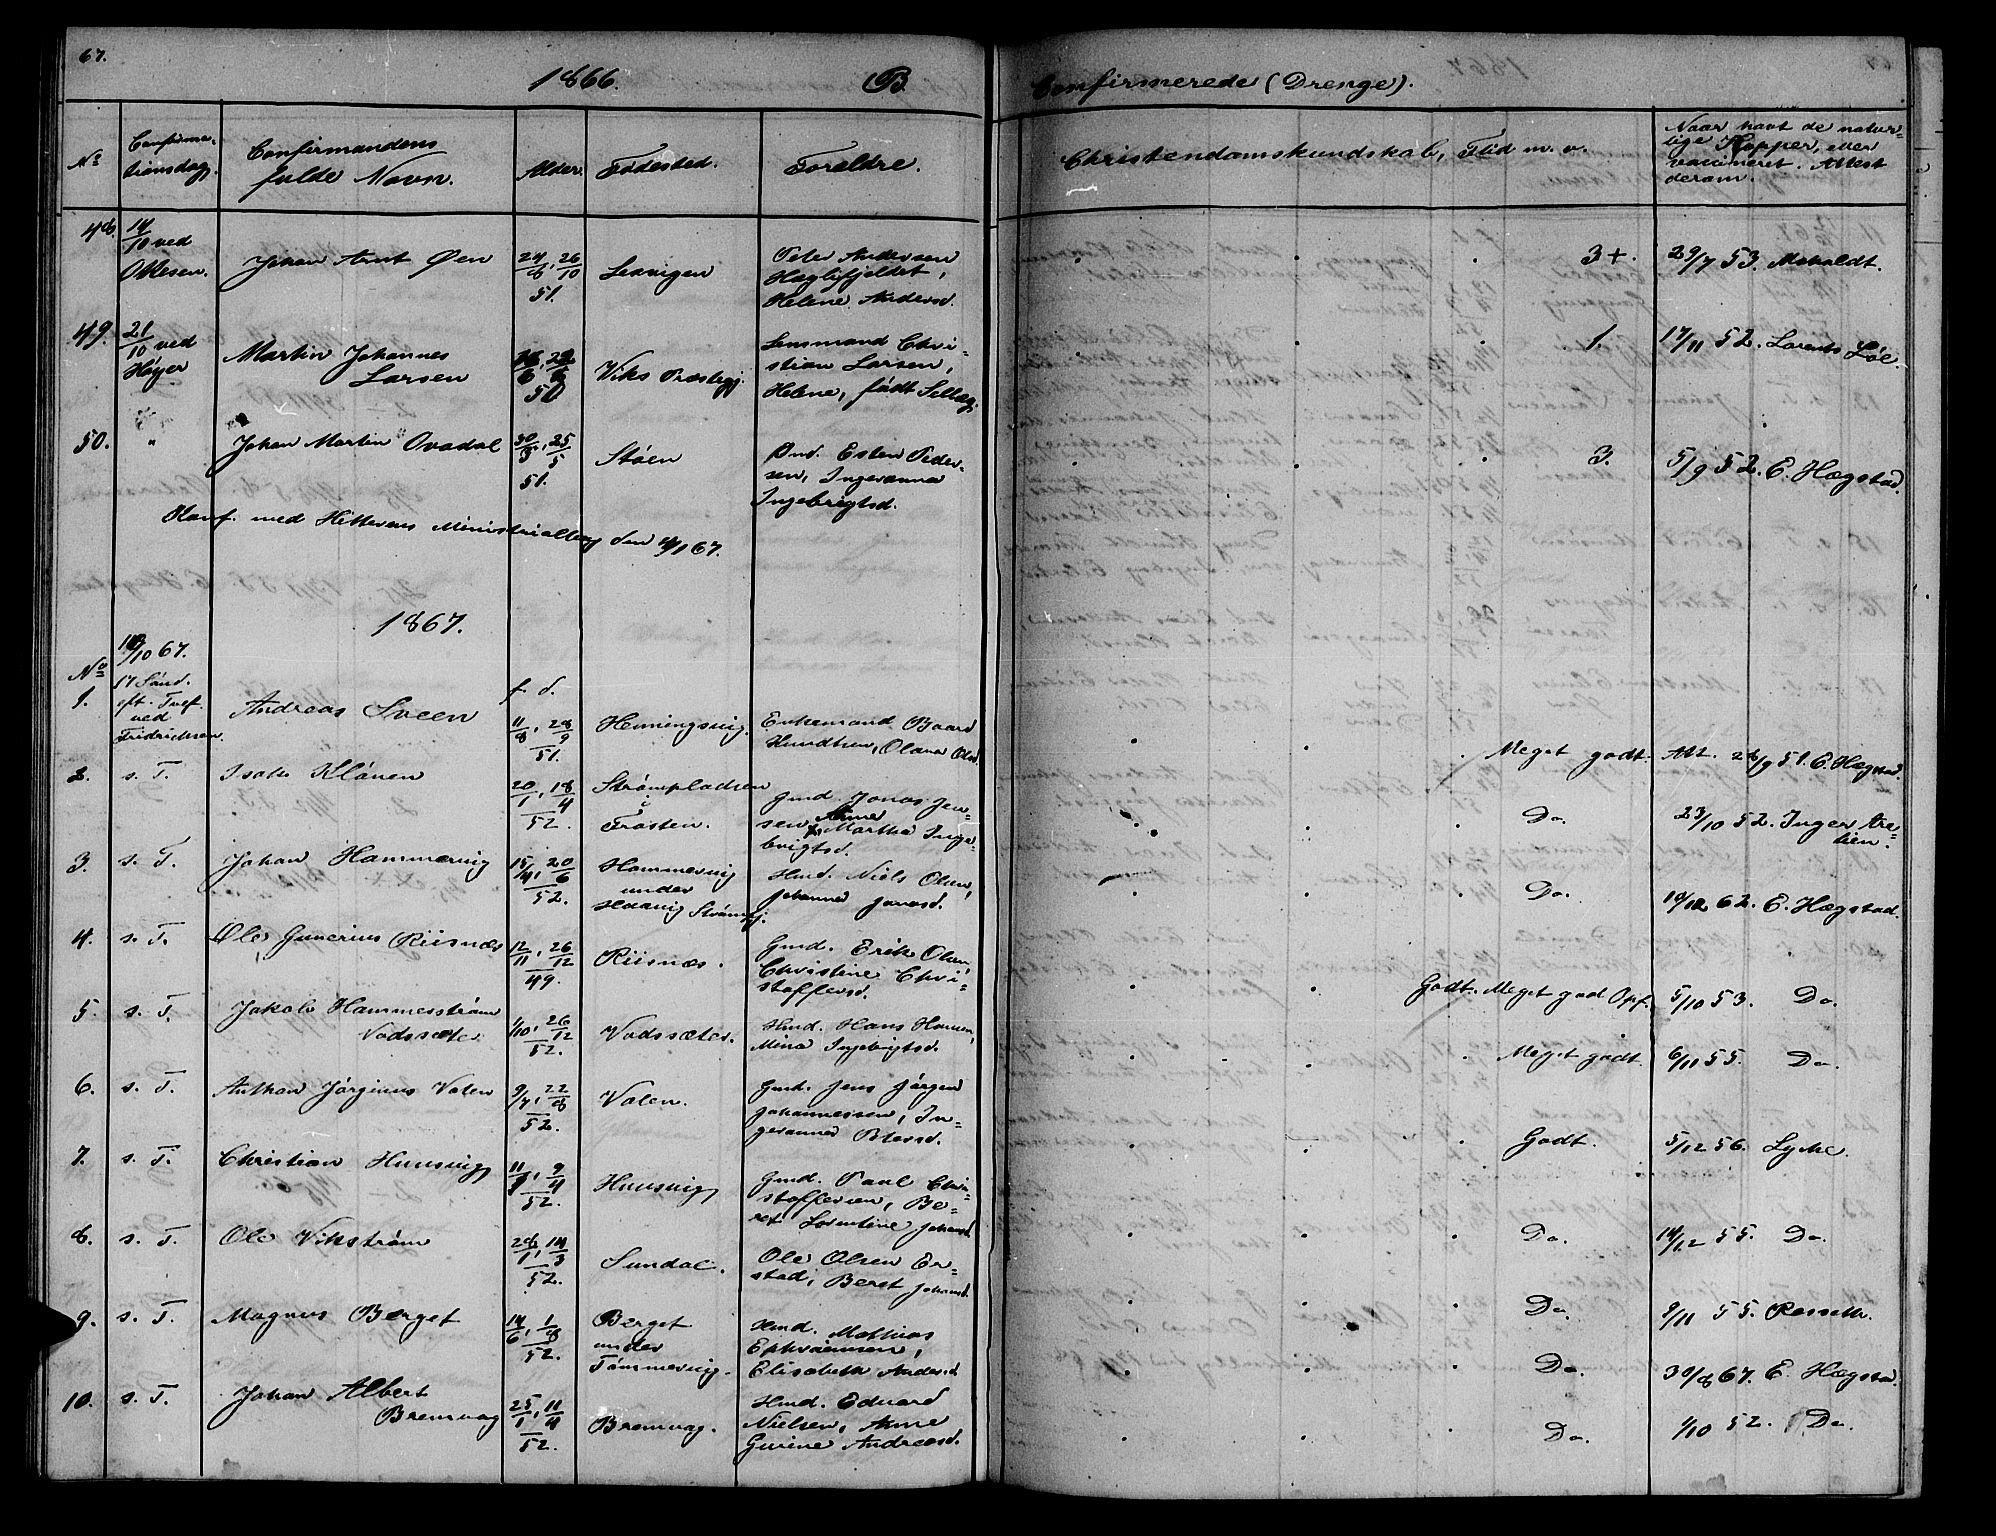 SAT, Ministerialprotokoller, klokkerbøker og fødselsregistre - Sør-Trøndelag, 634/L0539: Klokkerbok nr. 634C01, 1866-1873, s. 67